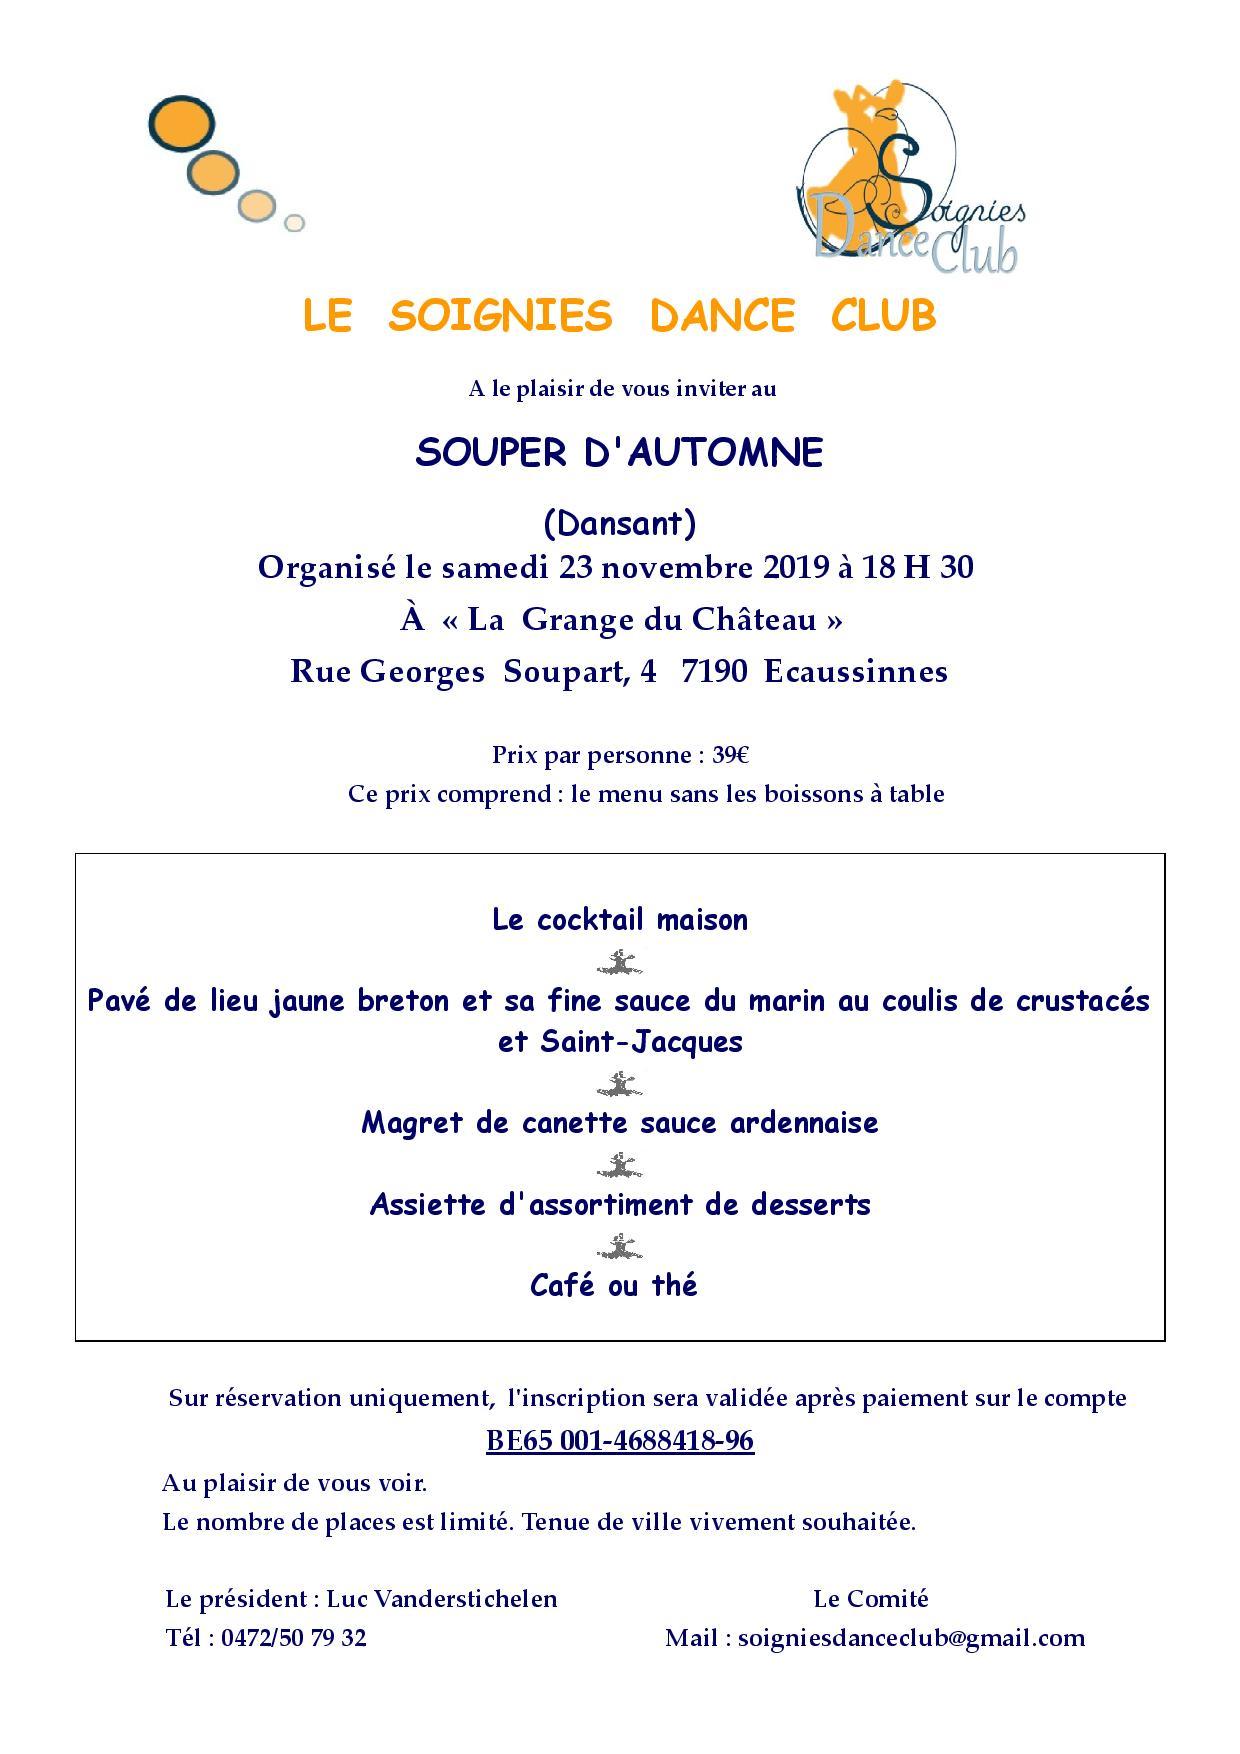 Invitation souper d automne du 23 novembre 2019 soignies dance club page 001